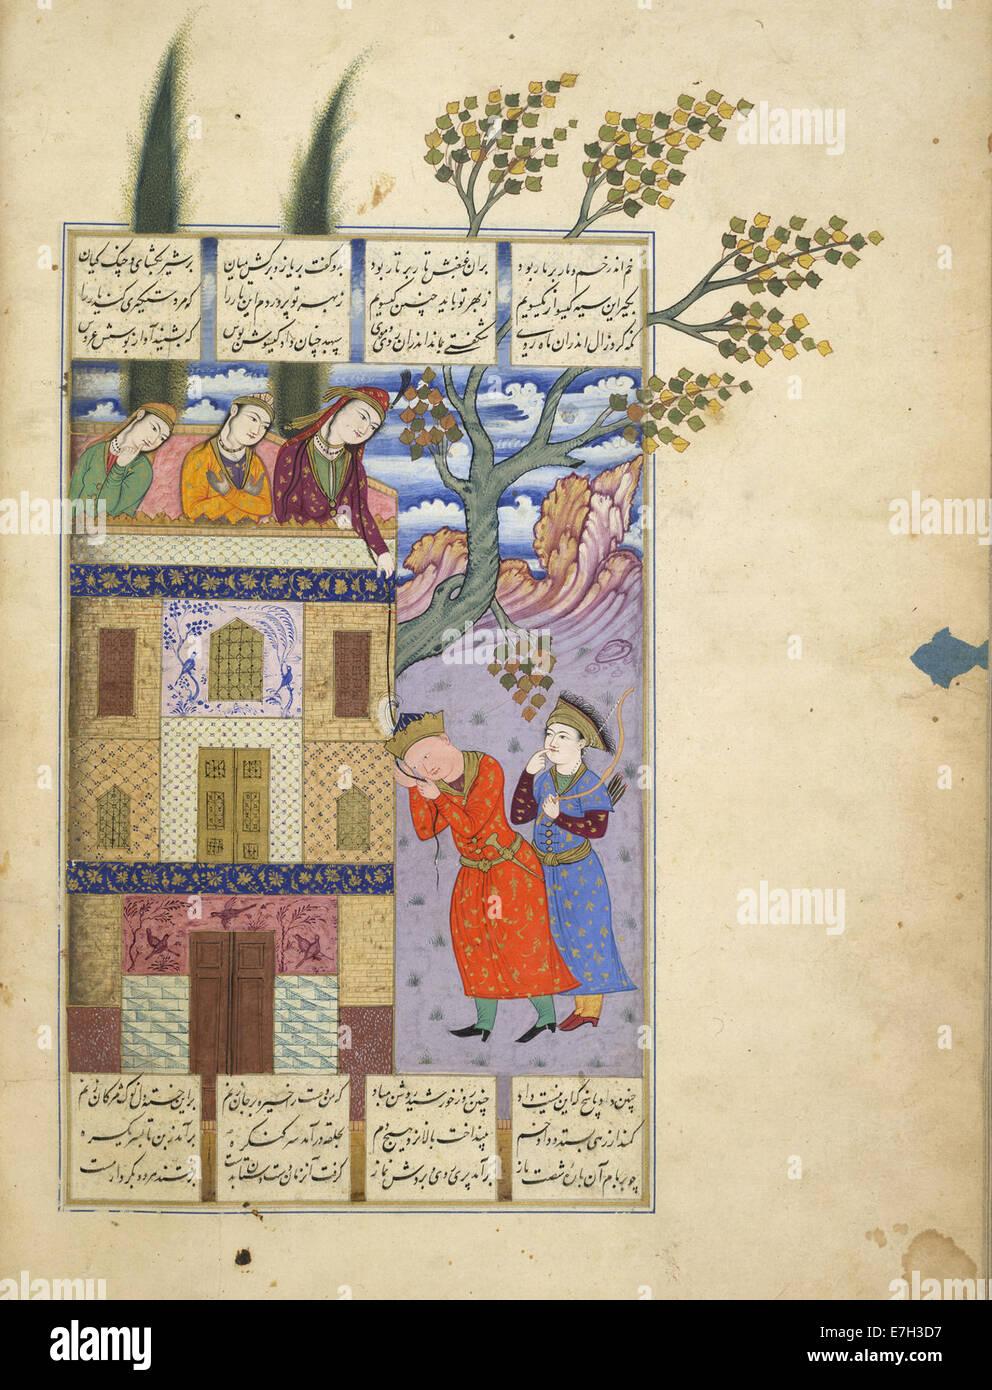 Rudaba and Zal - Shahnama (1630-1640), f.42v - BL IO Islamic 1256 - Stock Image